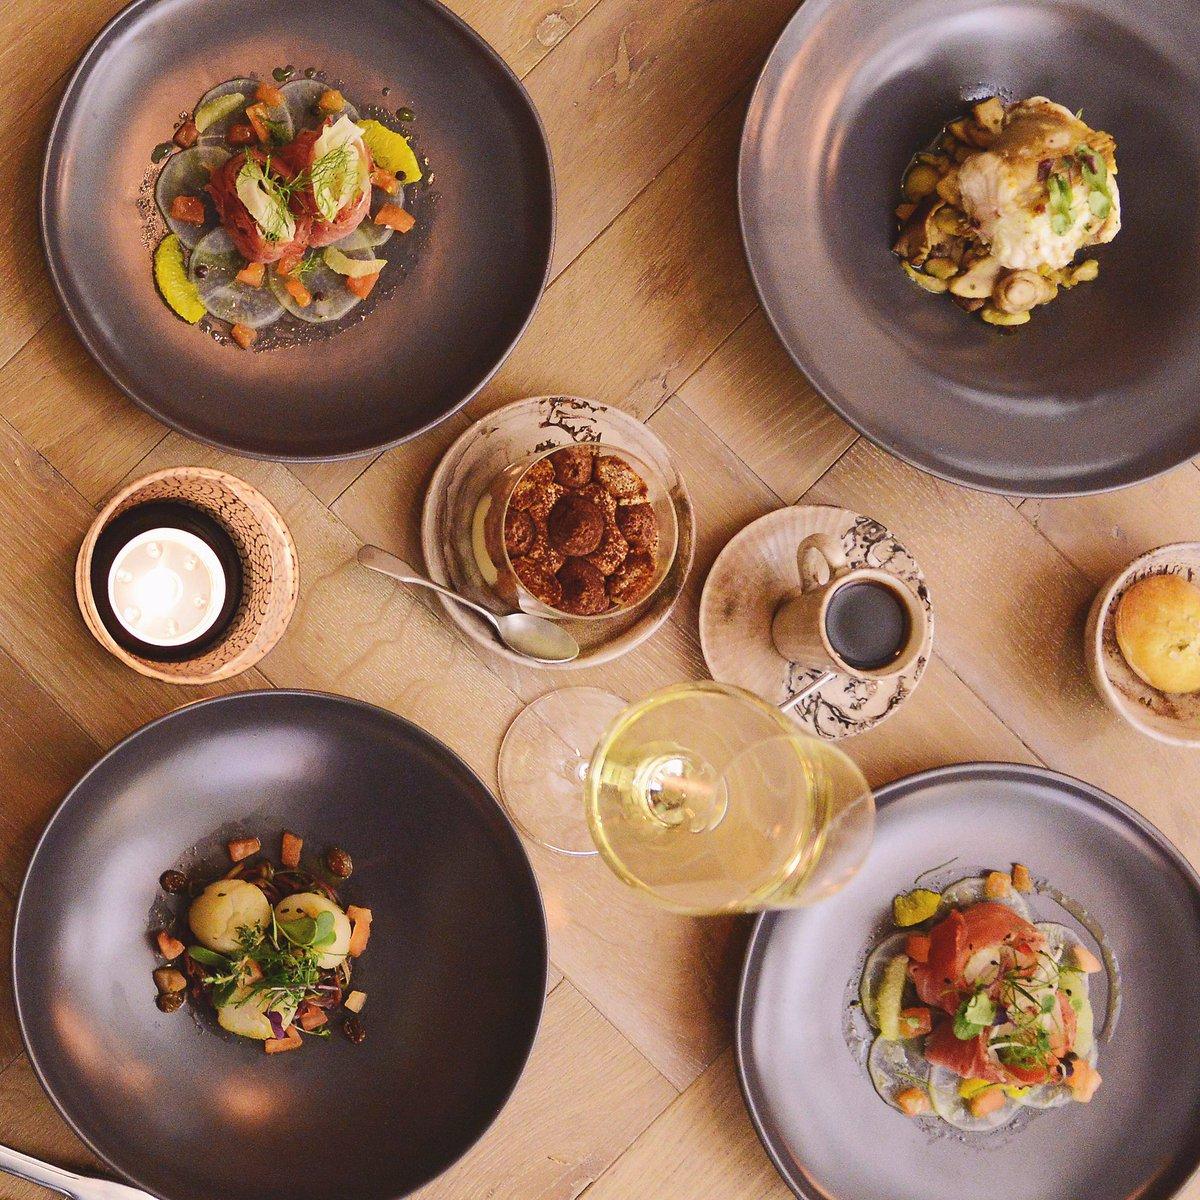 Il fine dining restaurant Ecrudo Milano citato da Corriere della Sera-cucina tra i 5 nuovi da provare #ecrudomilano https://t.co/Q8BIr9qO7A https://t.co/Hwvb5kmjhP